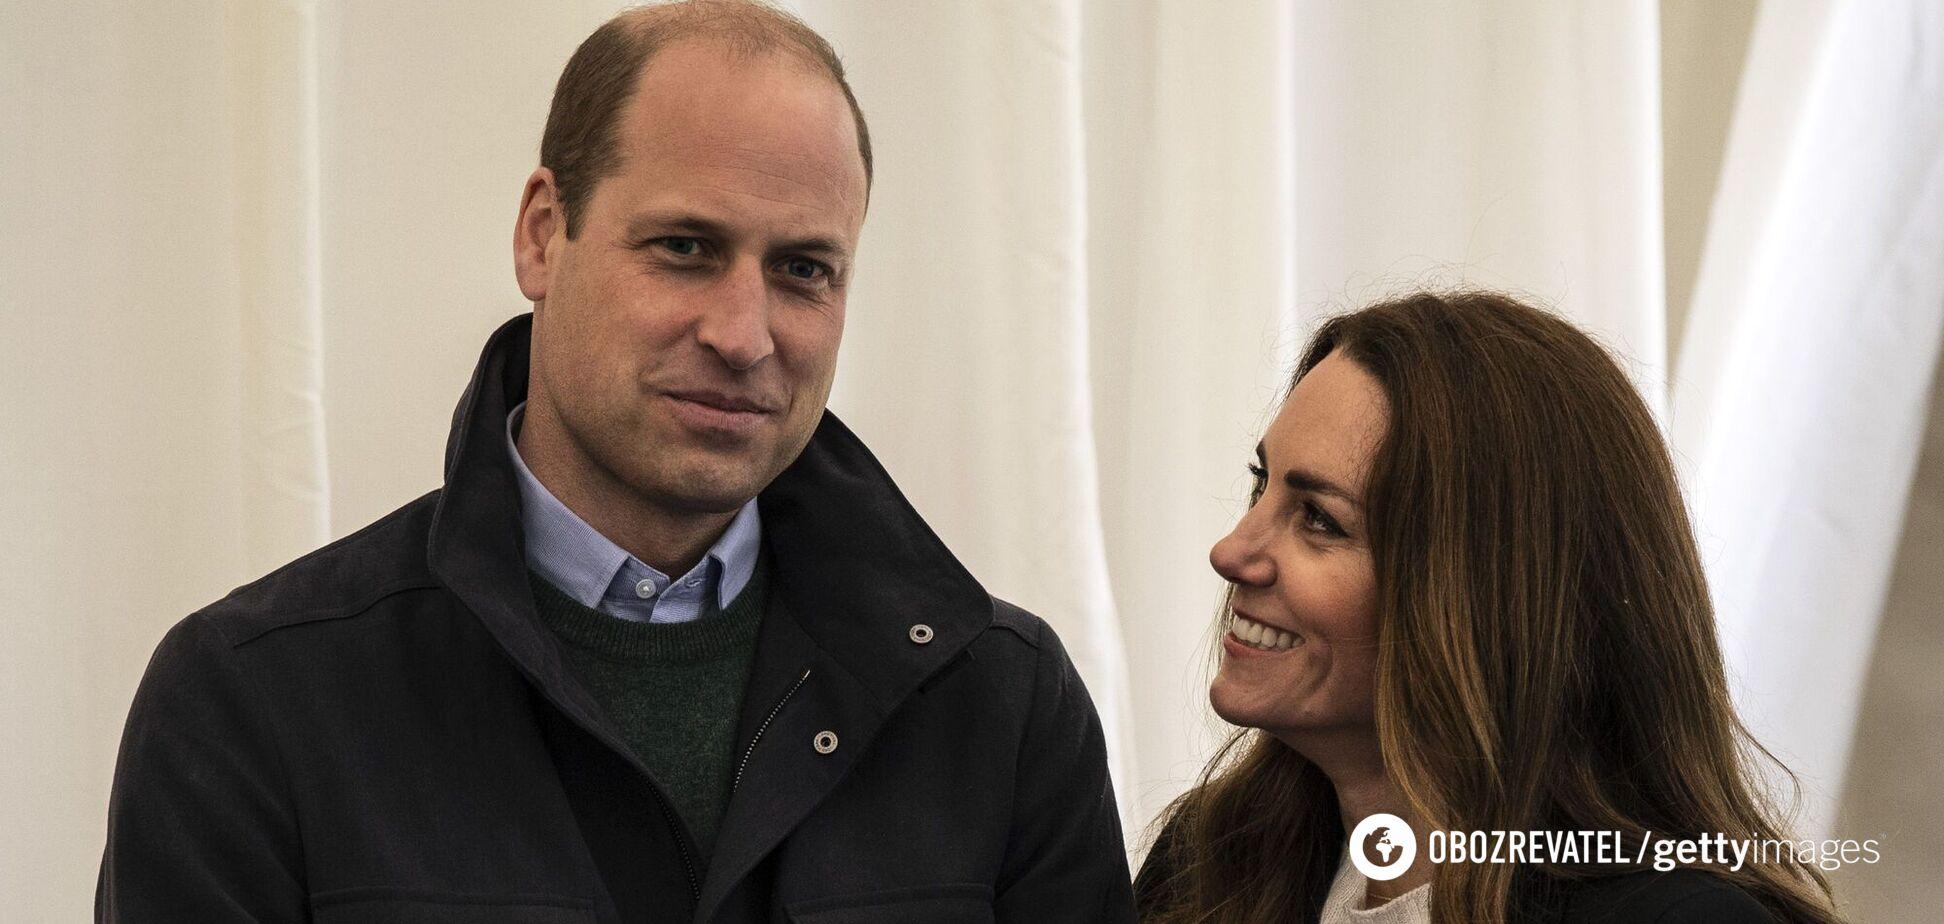 Кейт Міддлтон і принца Вільяма сфотографували в місті, де вони познайомилися